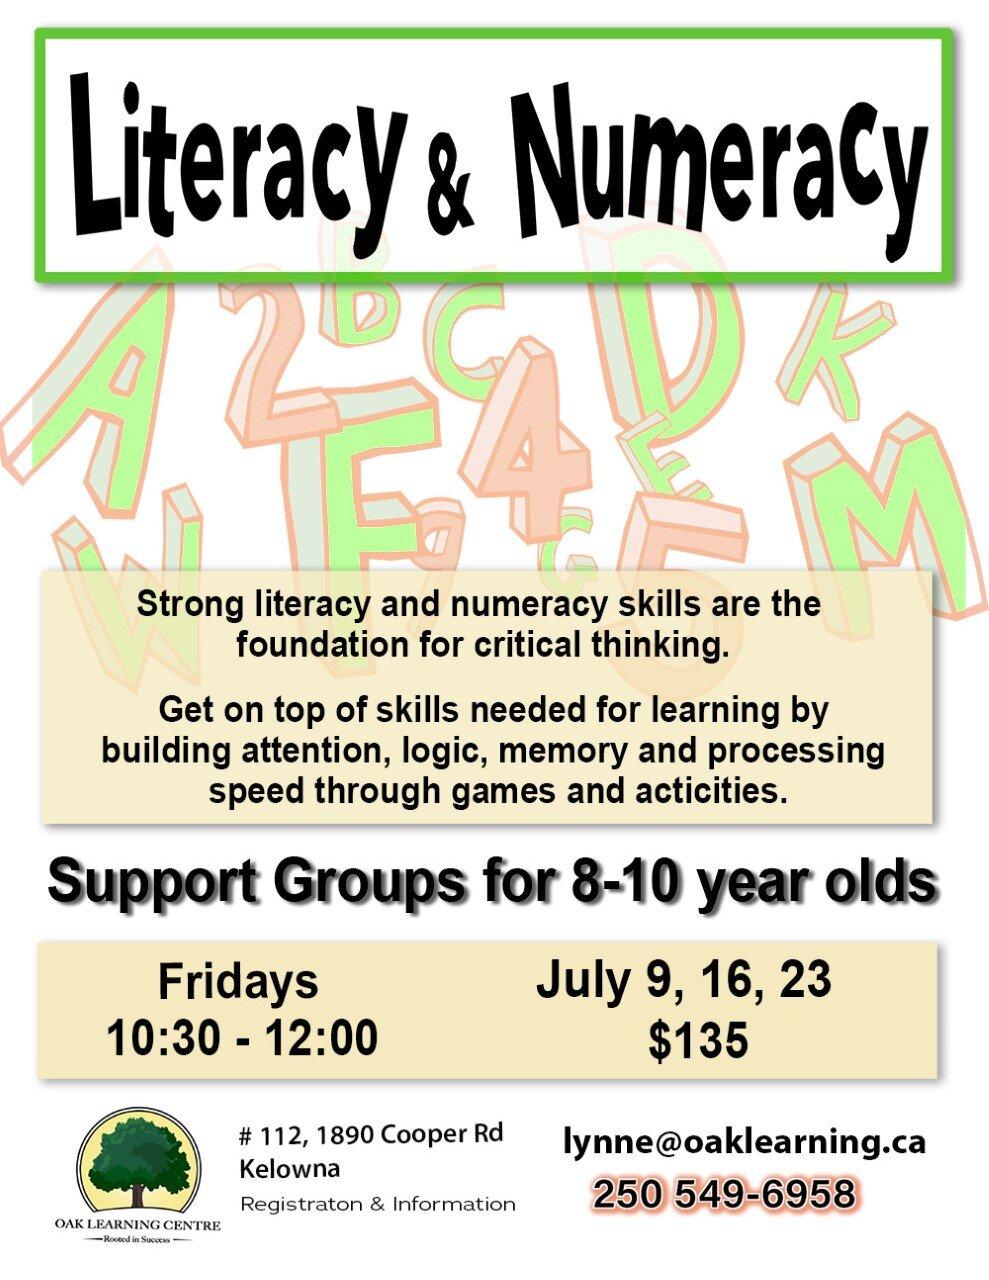 Literacy & Numeracy @ Oak Learning Centre Kelowna